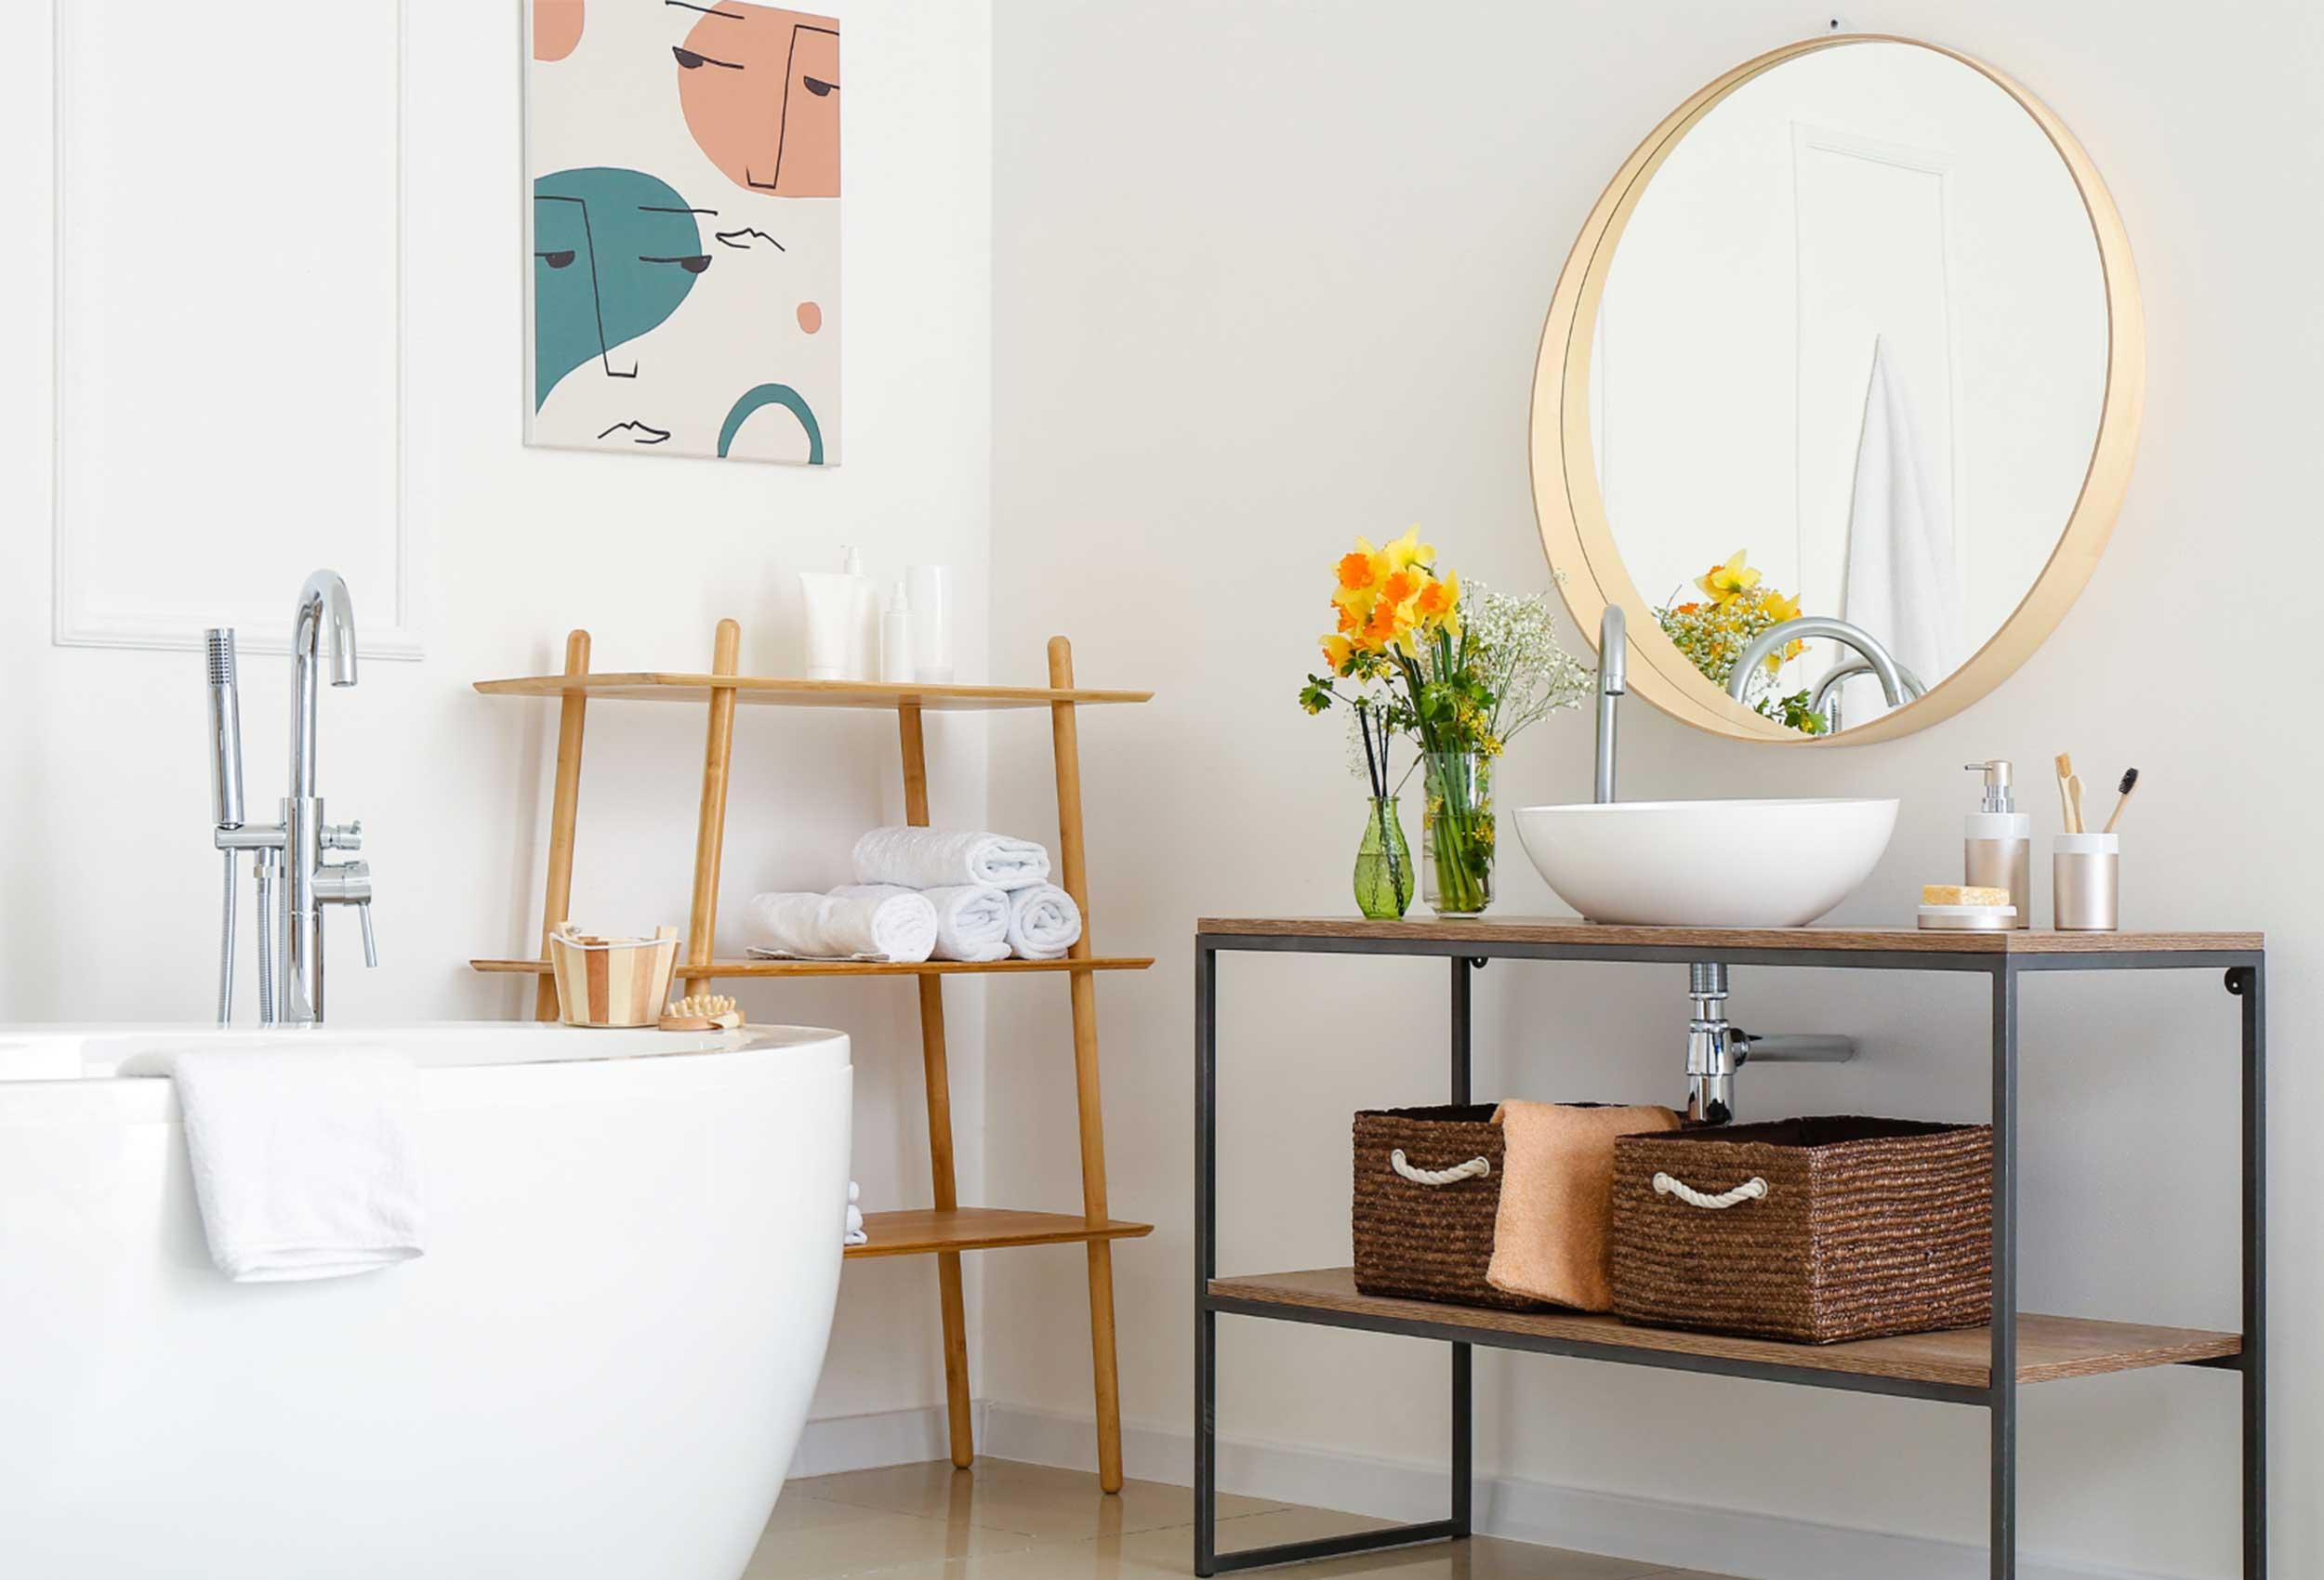 arredobagno minimal bagno funzionale